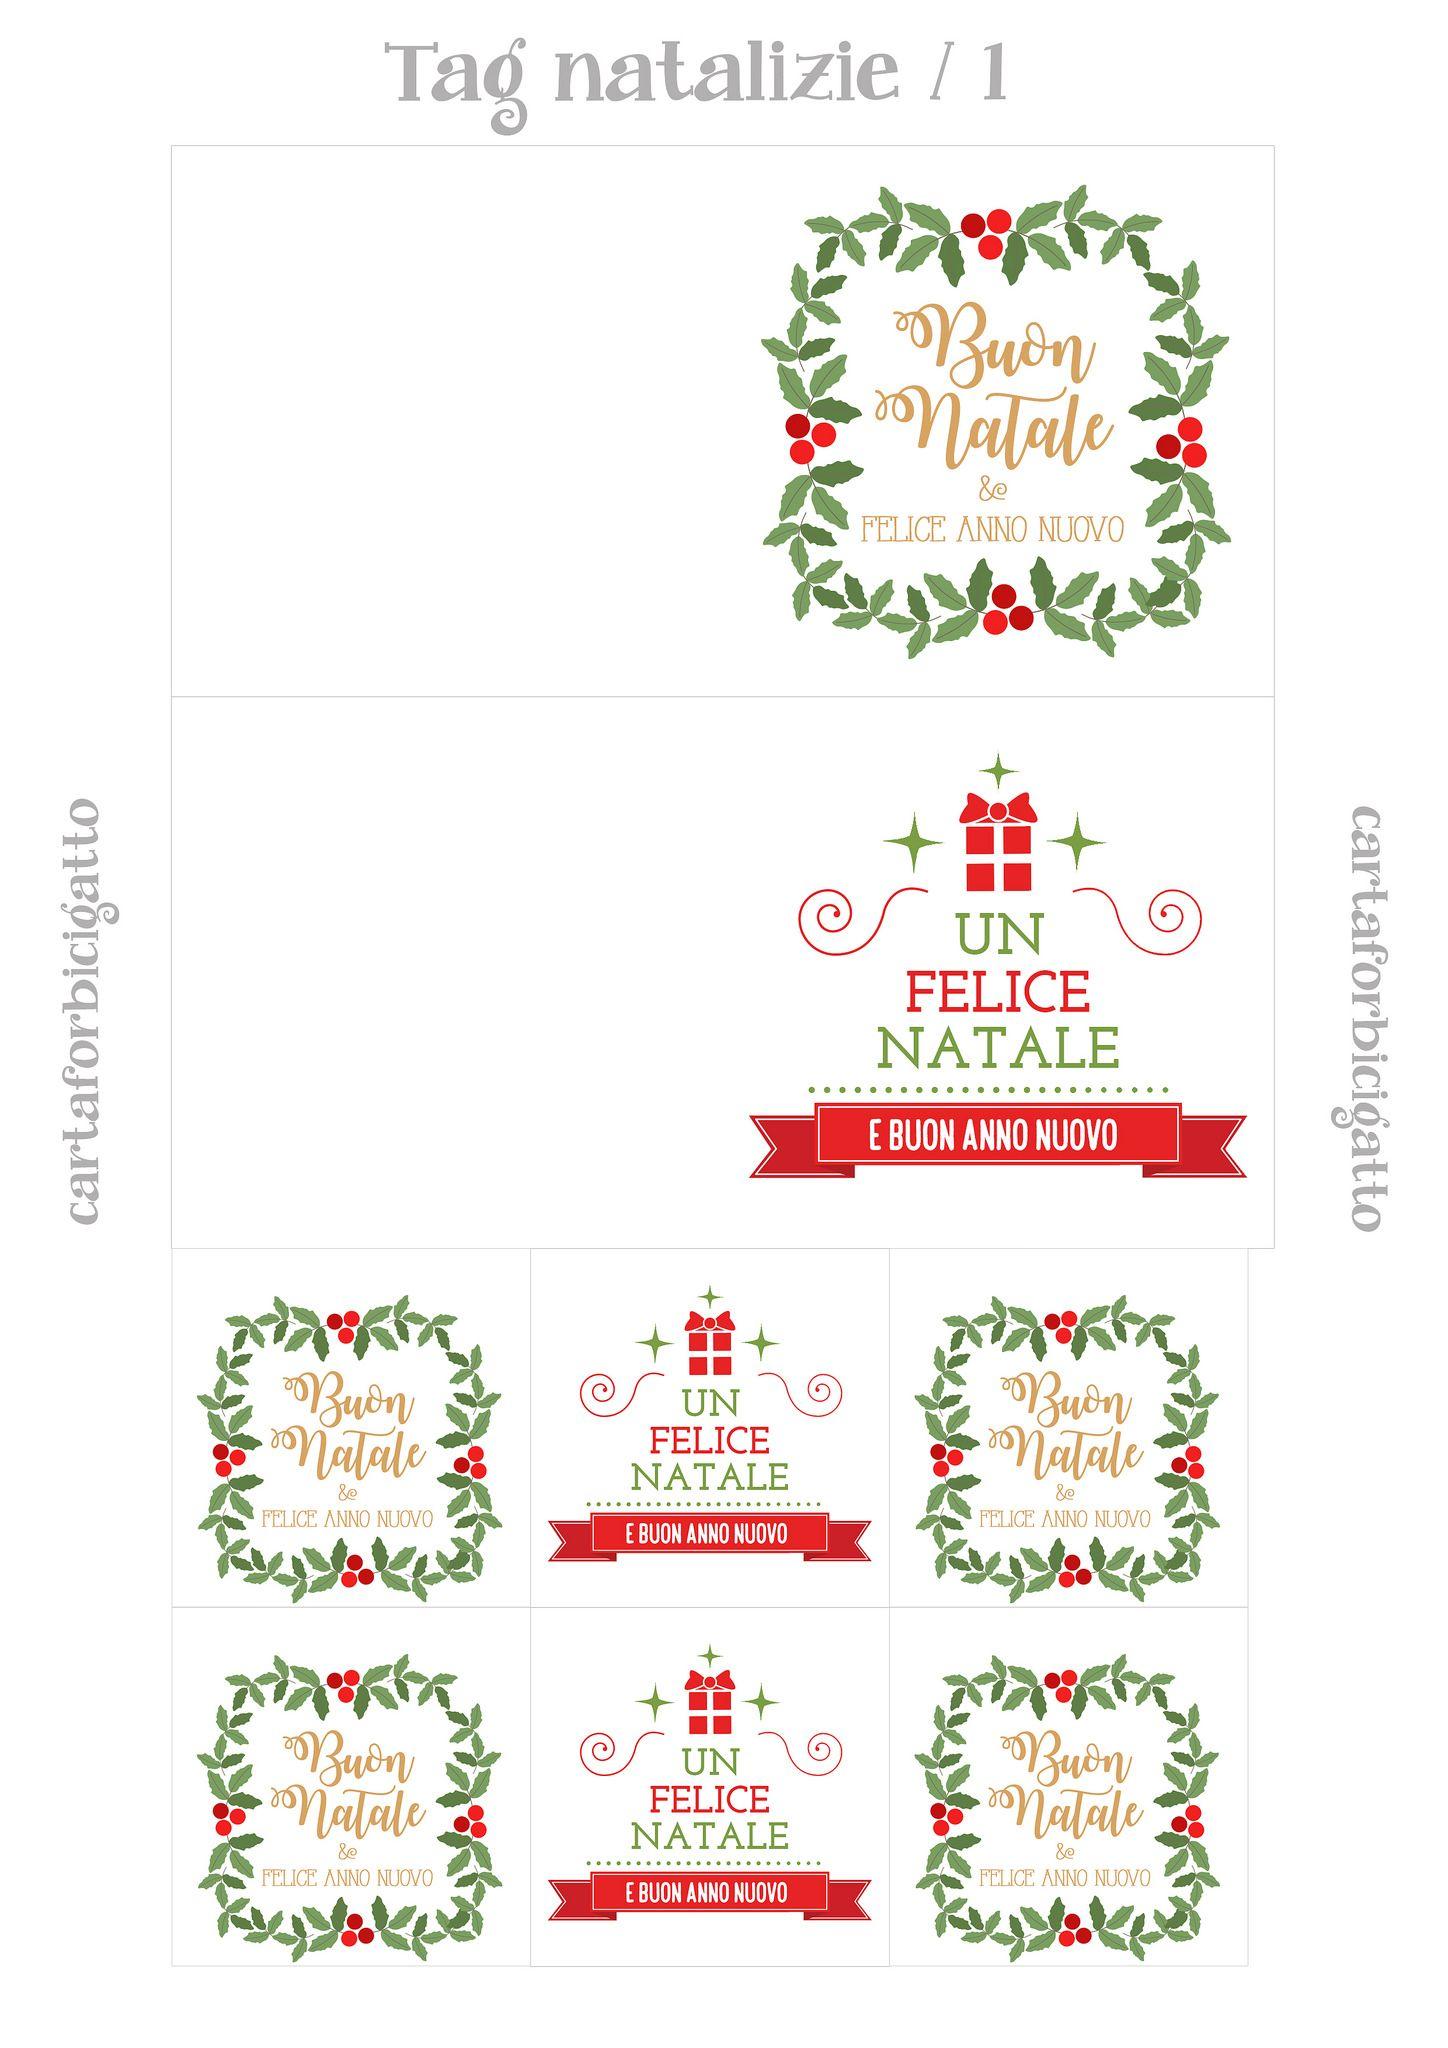 Etichette Natalizie Da Stampare tag natalizie da stampare - 1 (con immagini) | biglietto